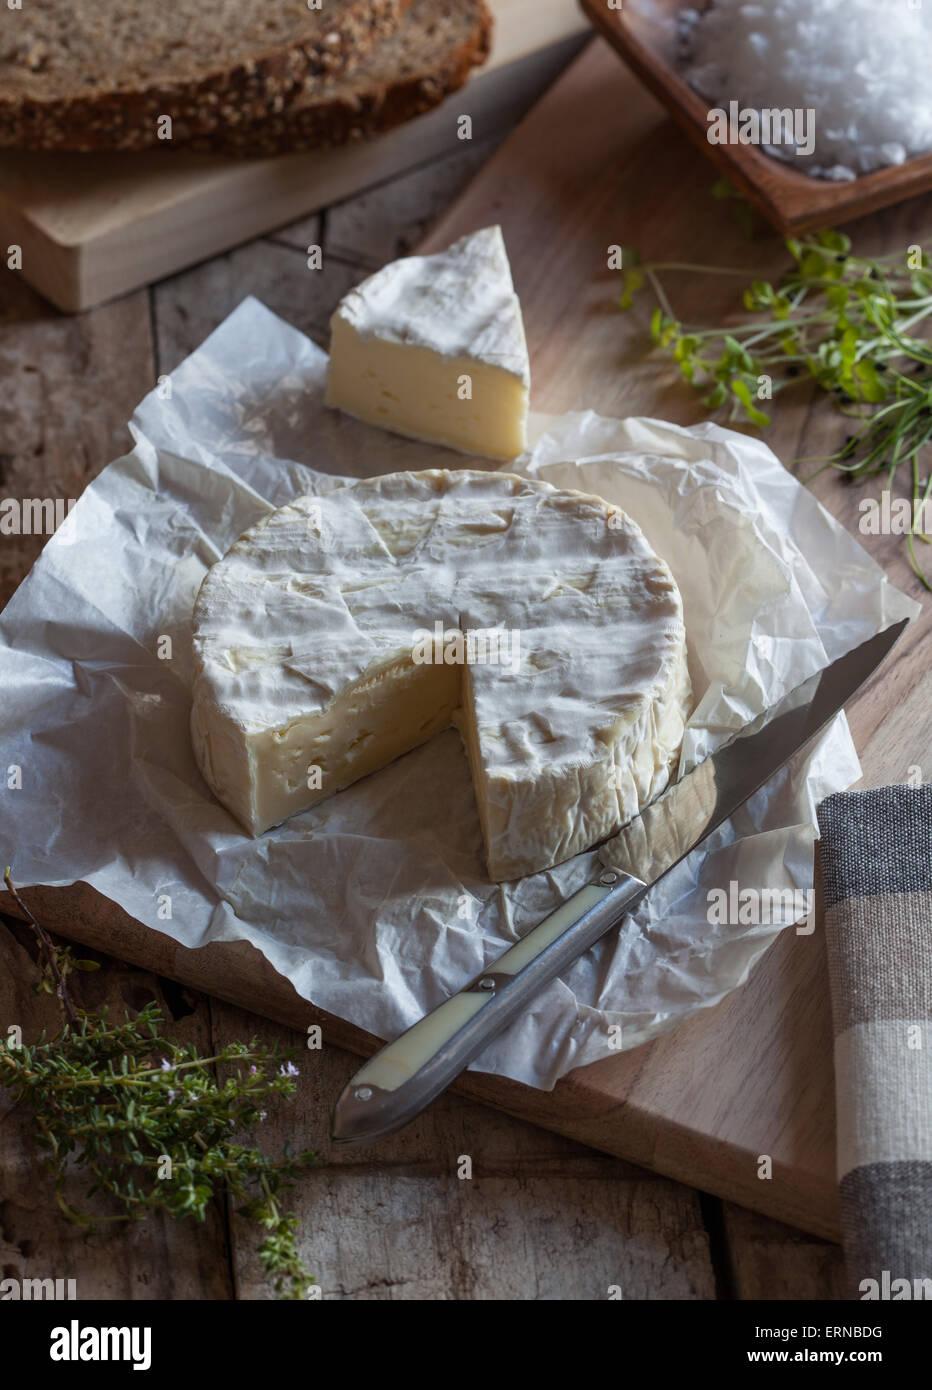 Un trozo de queso camembert sobre una tabla para cortar con un cuchillo y hierbas. Imagen De Stock